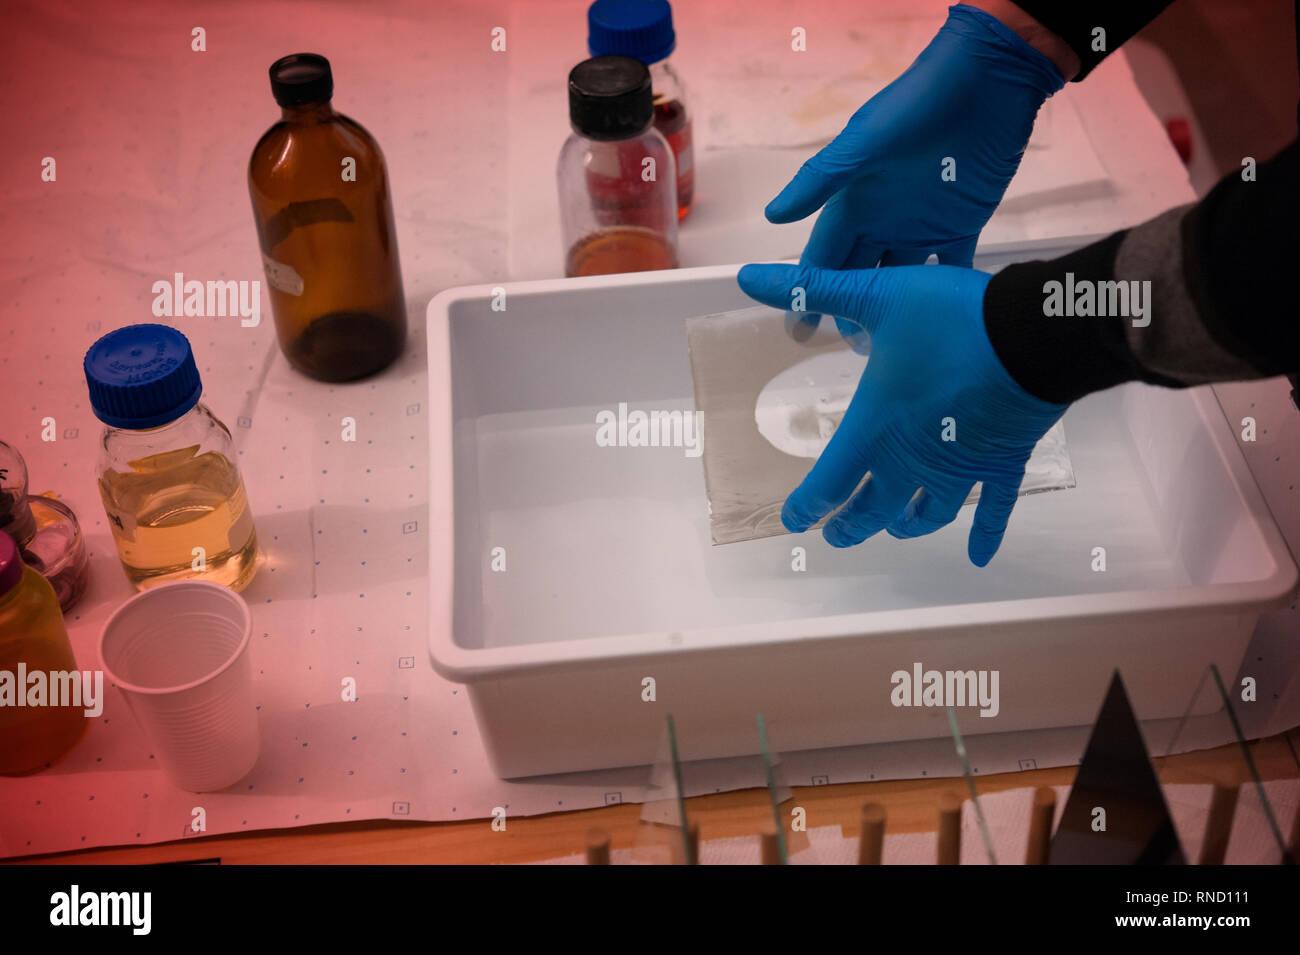 Fotografo bagna un ambrotype in una soluzione chimica. Piastra umida collodio processo. Le attrezzature della camera oscura. Immagini Stock